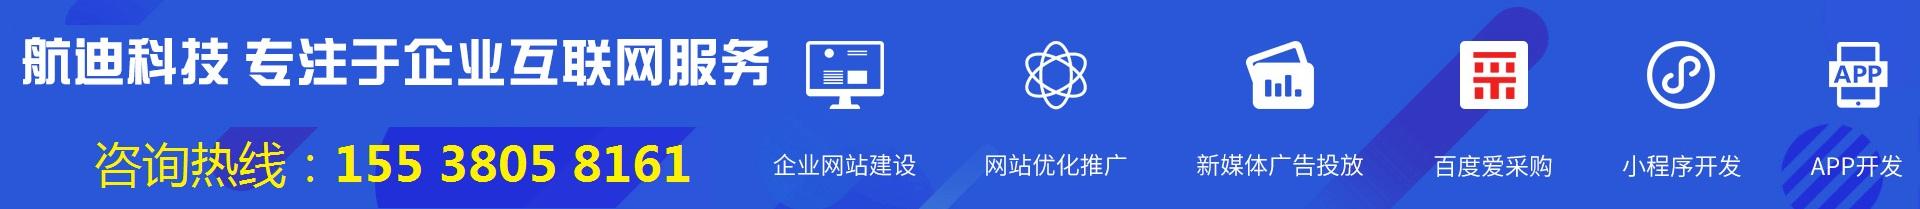 郑州网络营销推广公司-航迪科技